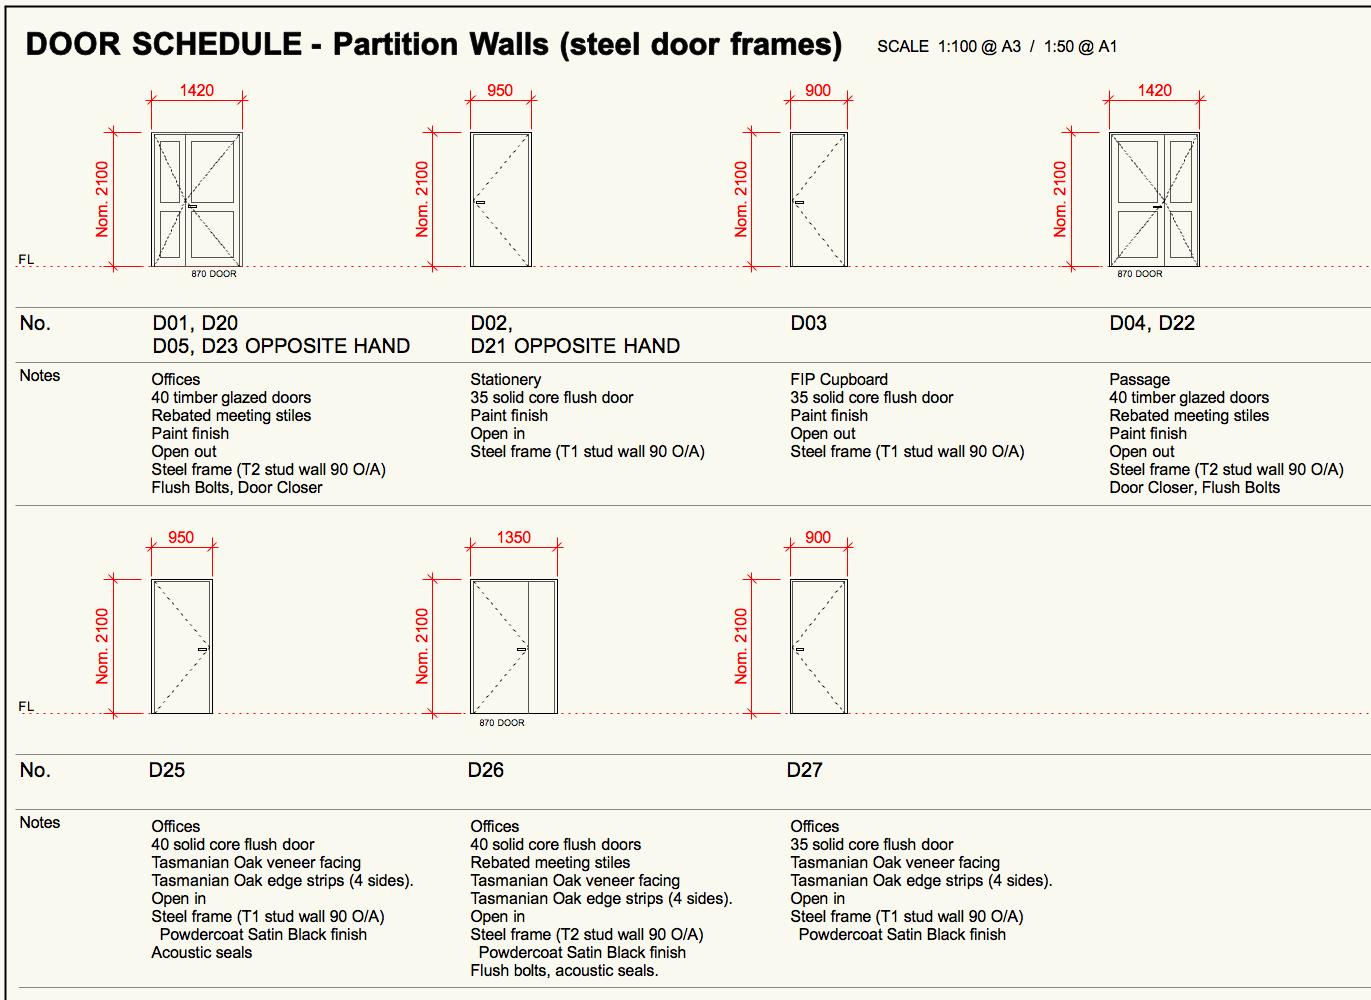 Door and window schedule example | Dream Home PROJECT in 2019